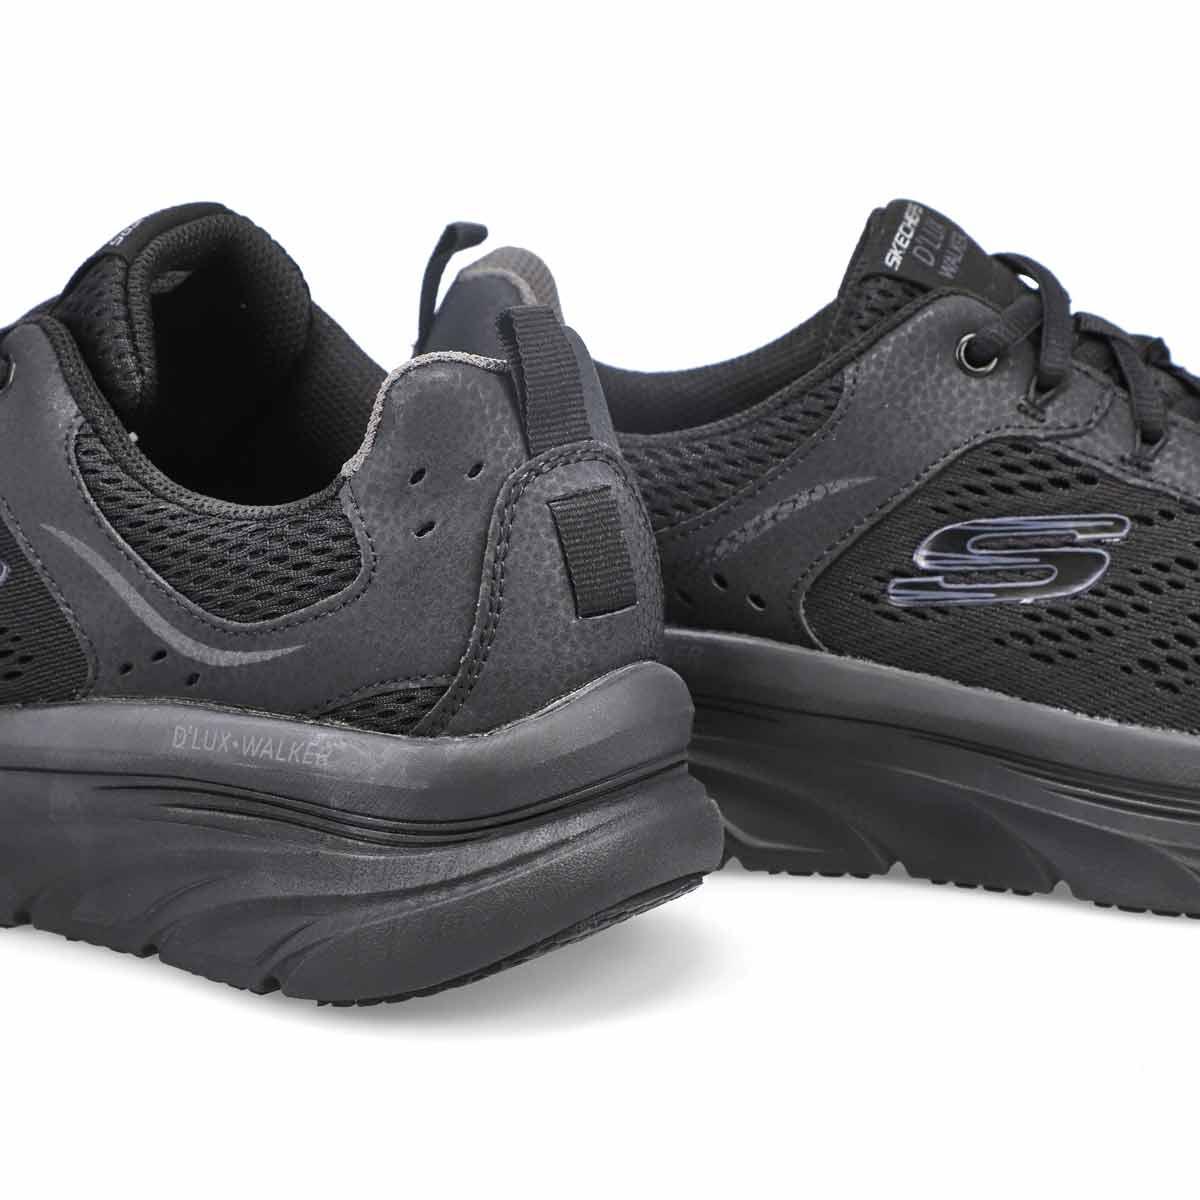 Men's D'Lux Walker Sneaker - Black